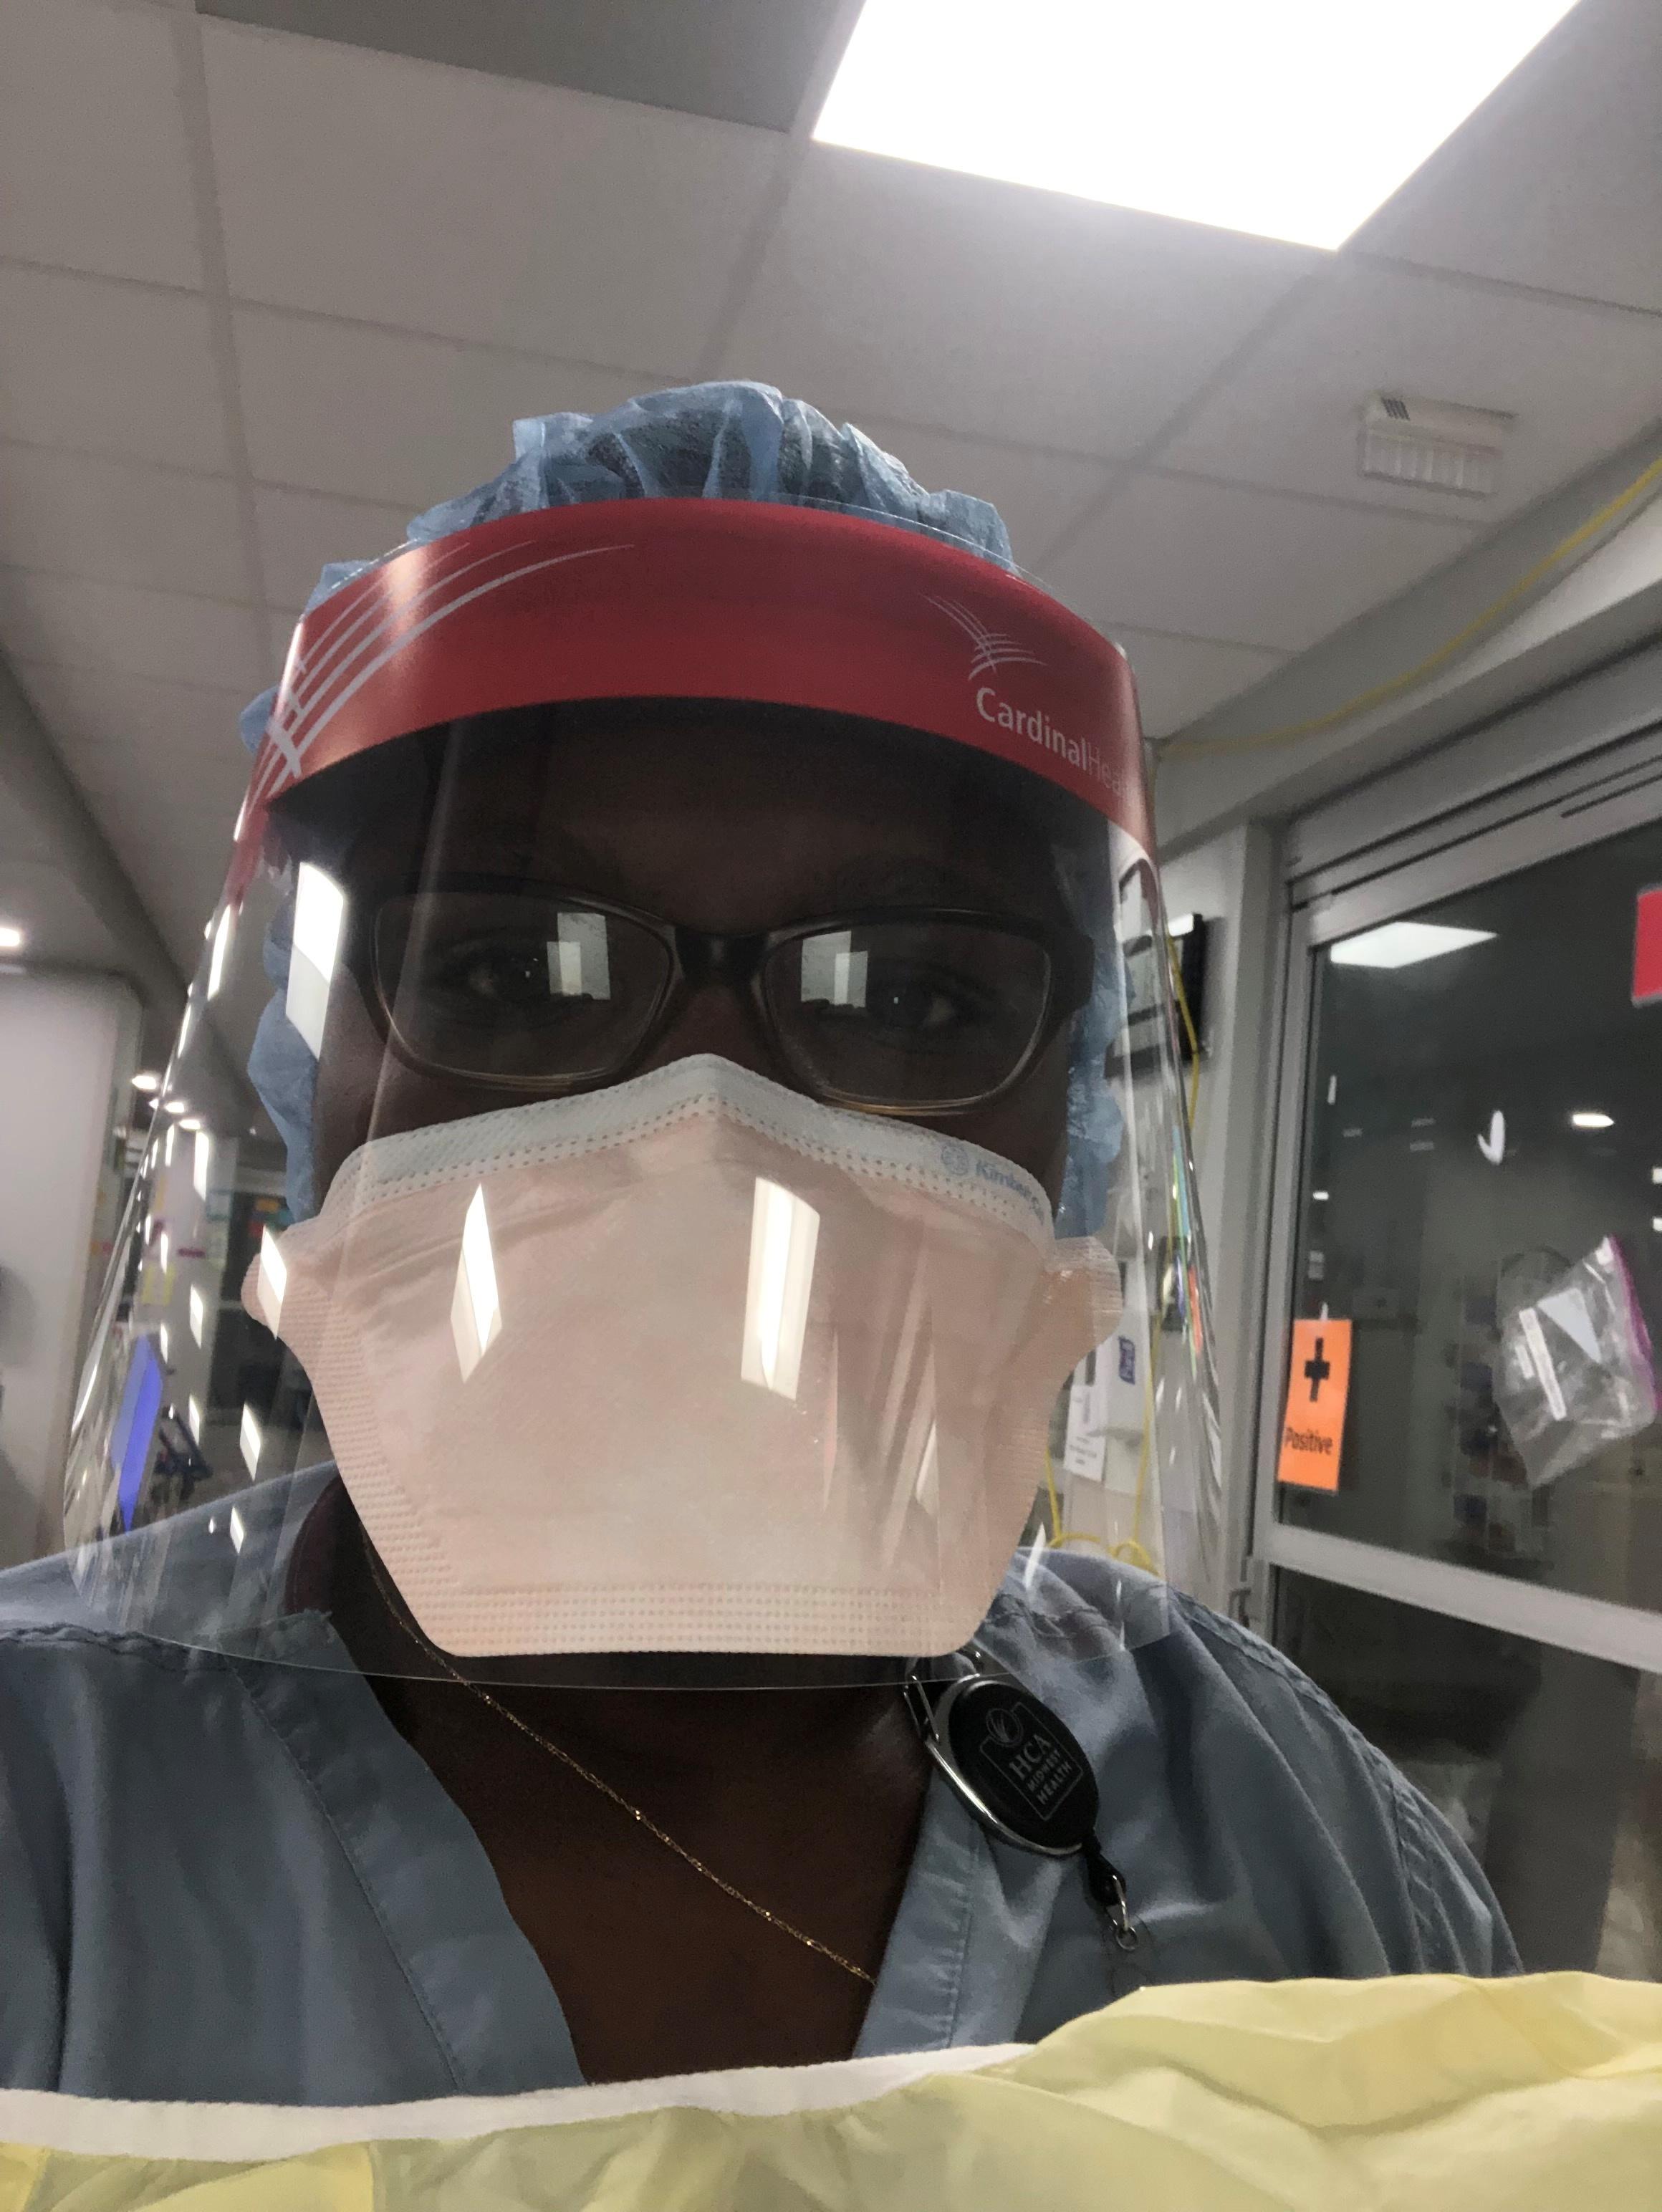 Медицинска сестра која је регистрована на интензивној нези Пасцалине Мухиндура носи ОЗО док ради у Истраживачком медицинском центру усред пандемије коронавируса (ЦОВИД-19) у Кансас Цитију, Миссоури, САД, на овој фотографији без датума. Пасцалине Мухиндура/Хандоут виа РЕУТЕРС